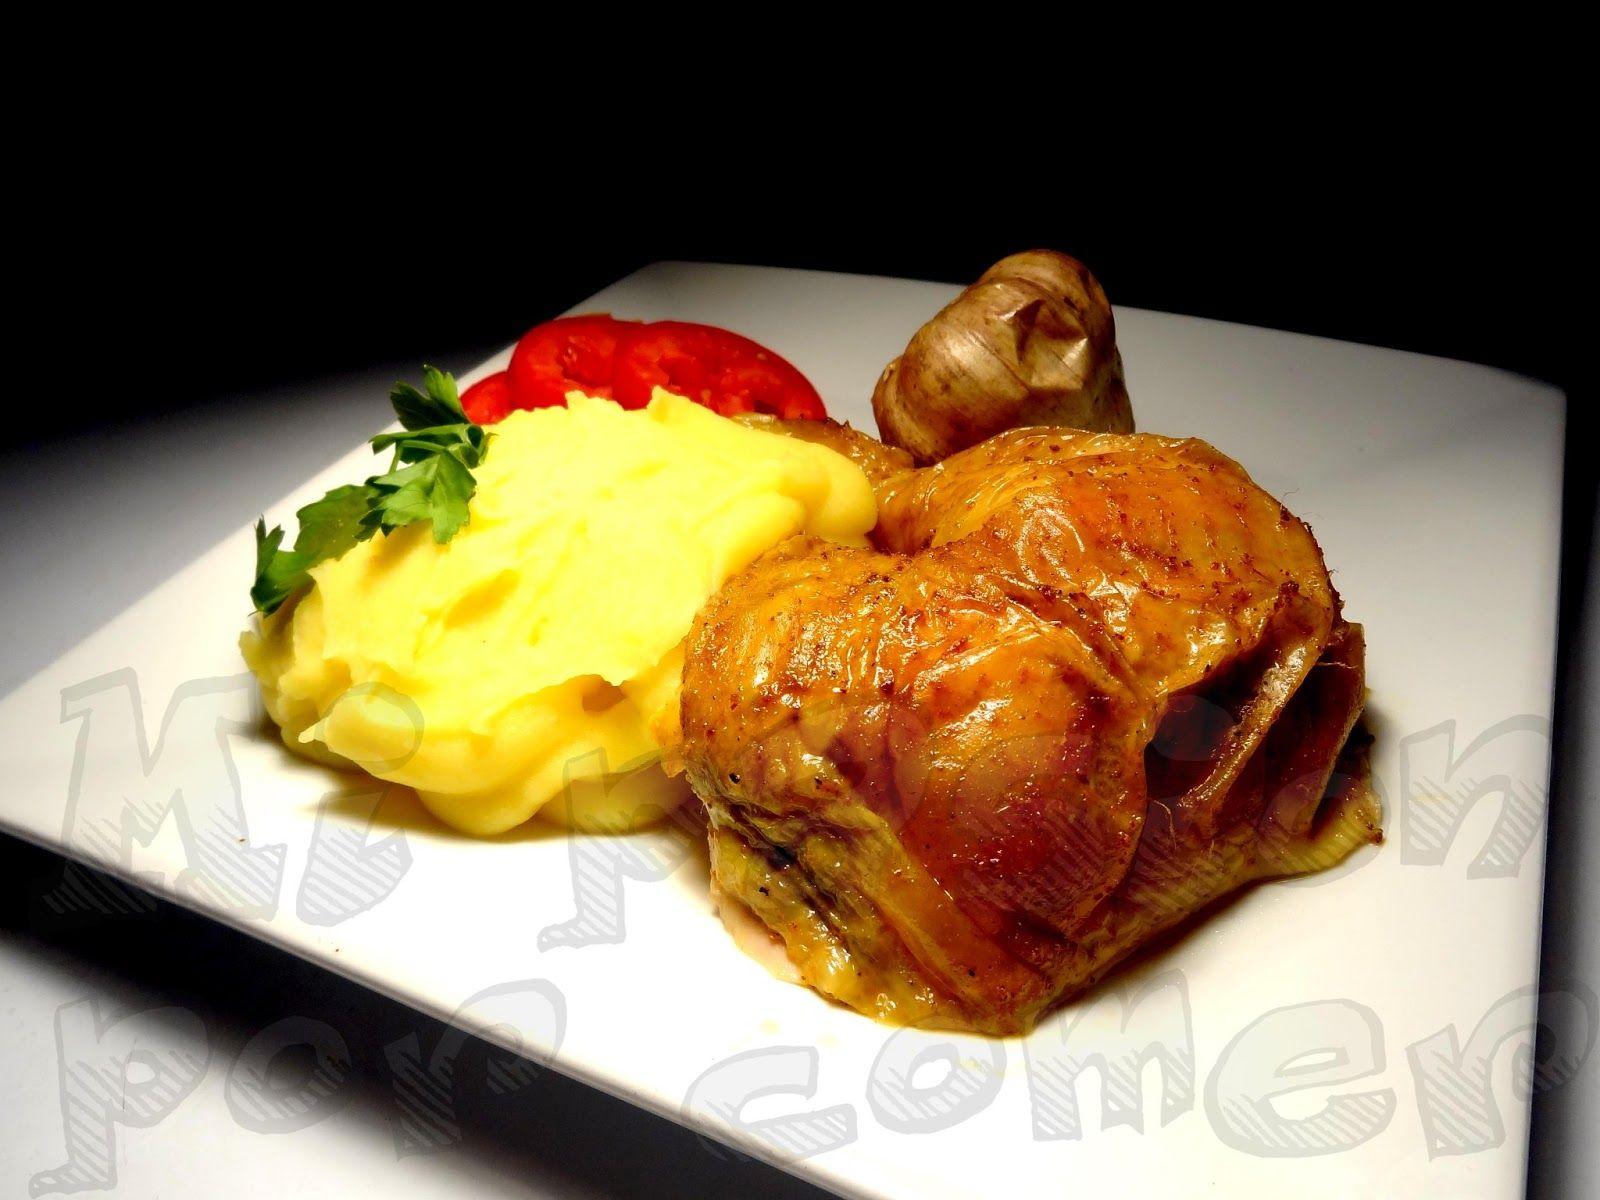 PURÉ DE PAPA generalmente se sirve con alguna carne asada. En este caso es pollo asado... se me hace agua la boca...